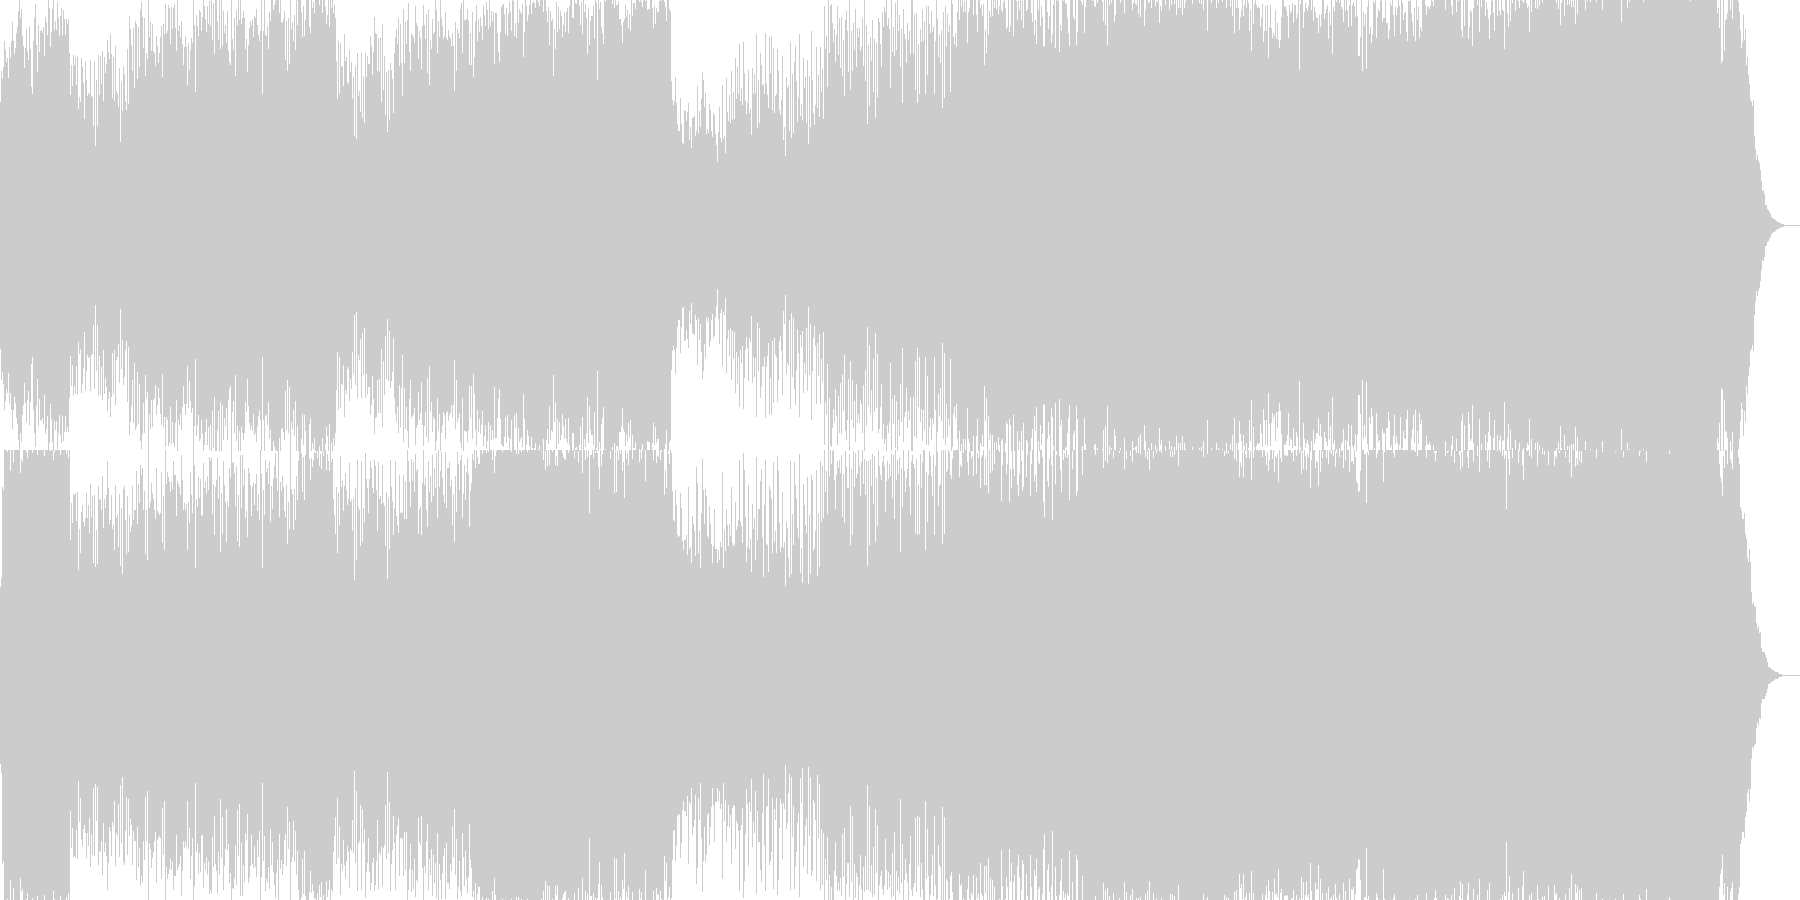 マジックショーのBGM。アラビアン系の未再生の波形